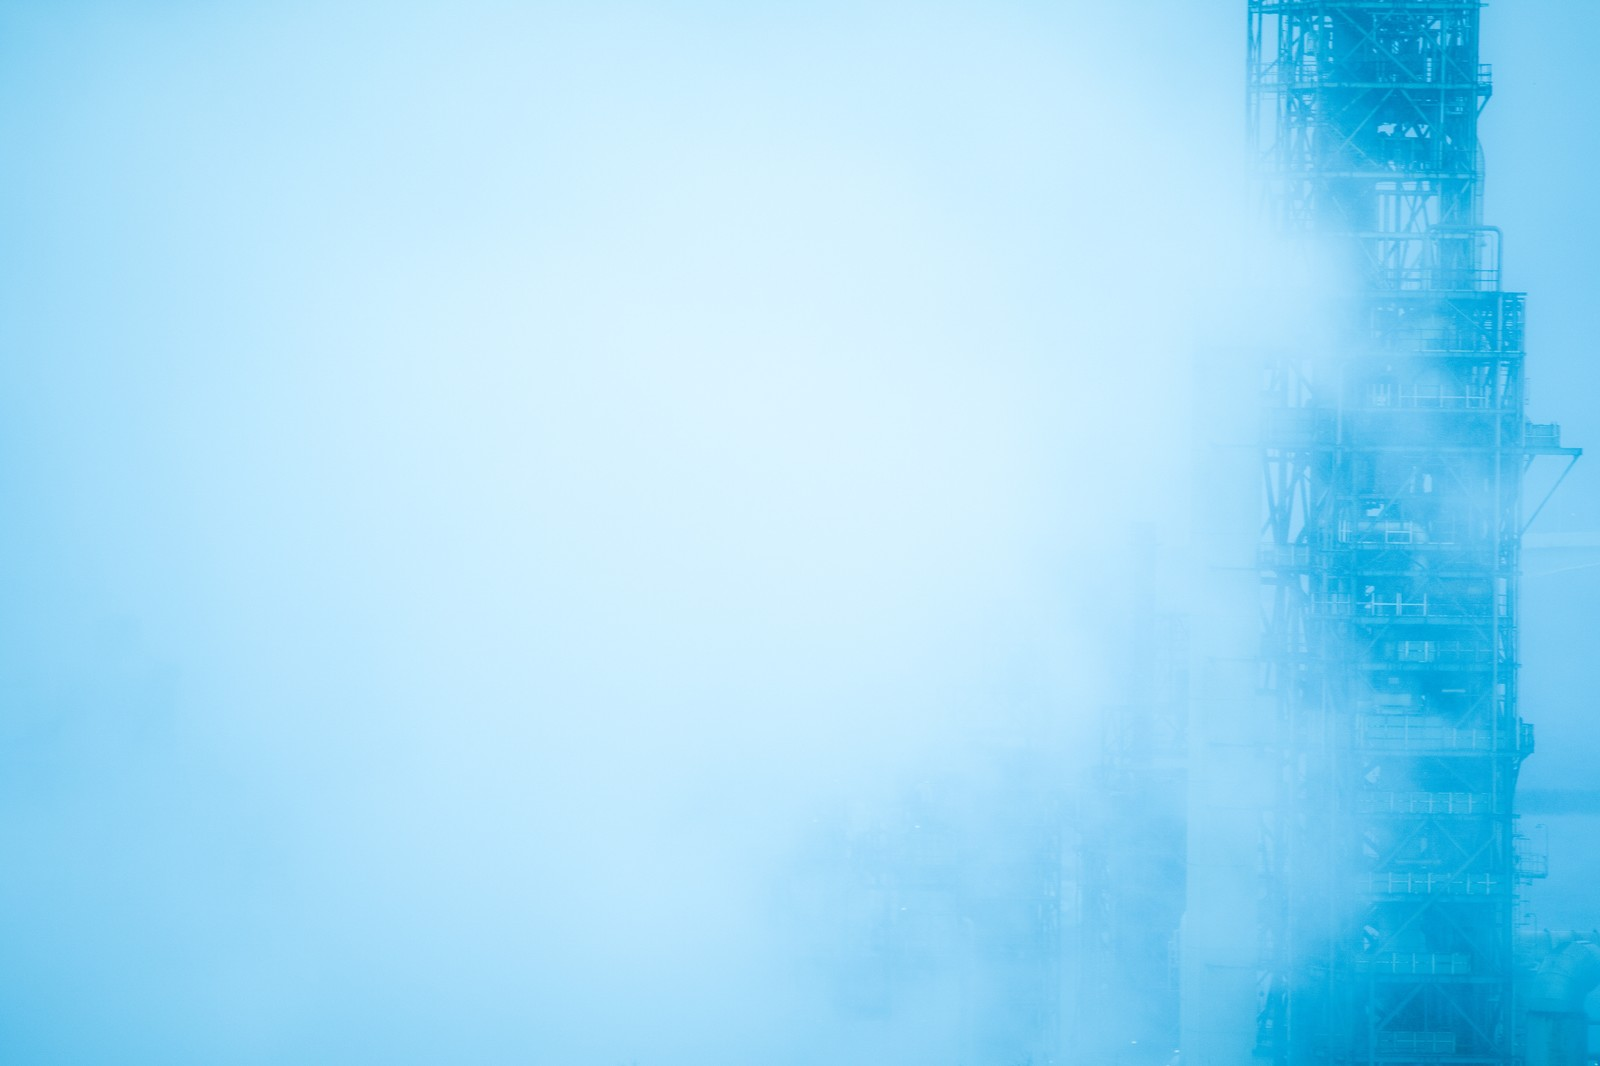 「濃霧で隠れる工場施設濃霧で隠れる工場施設」のフリー写真素材を拡大